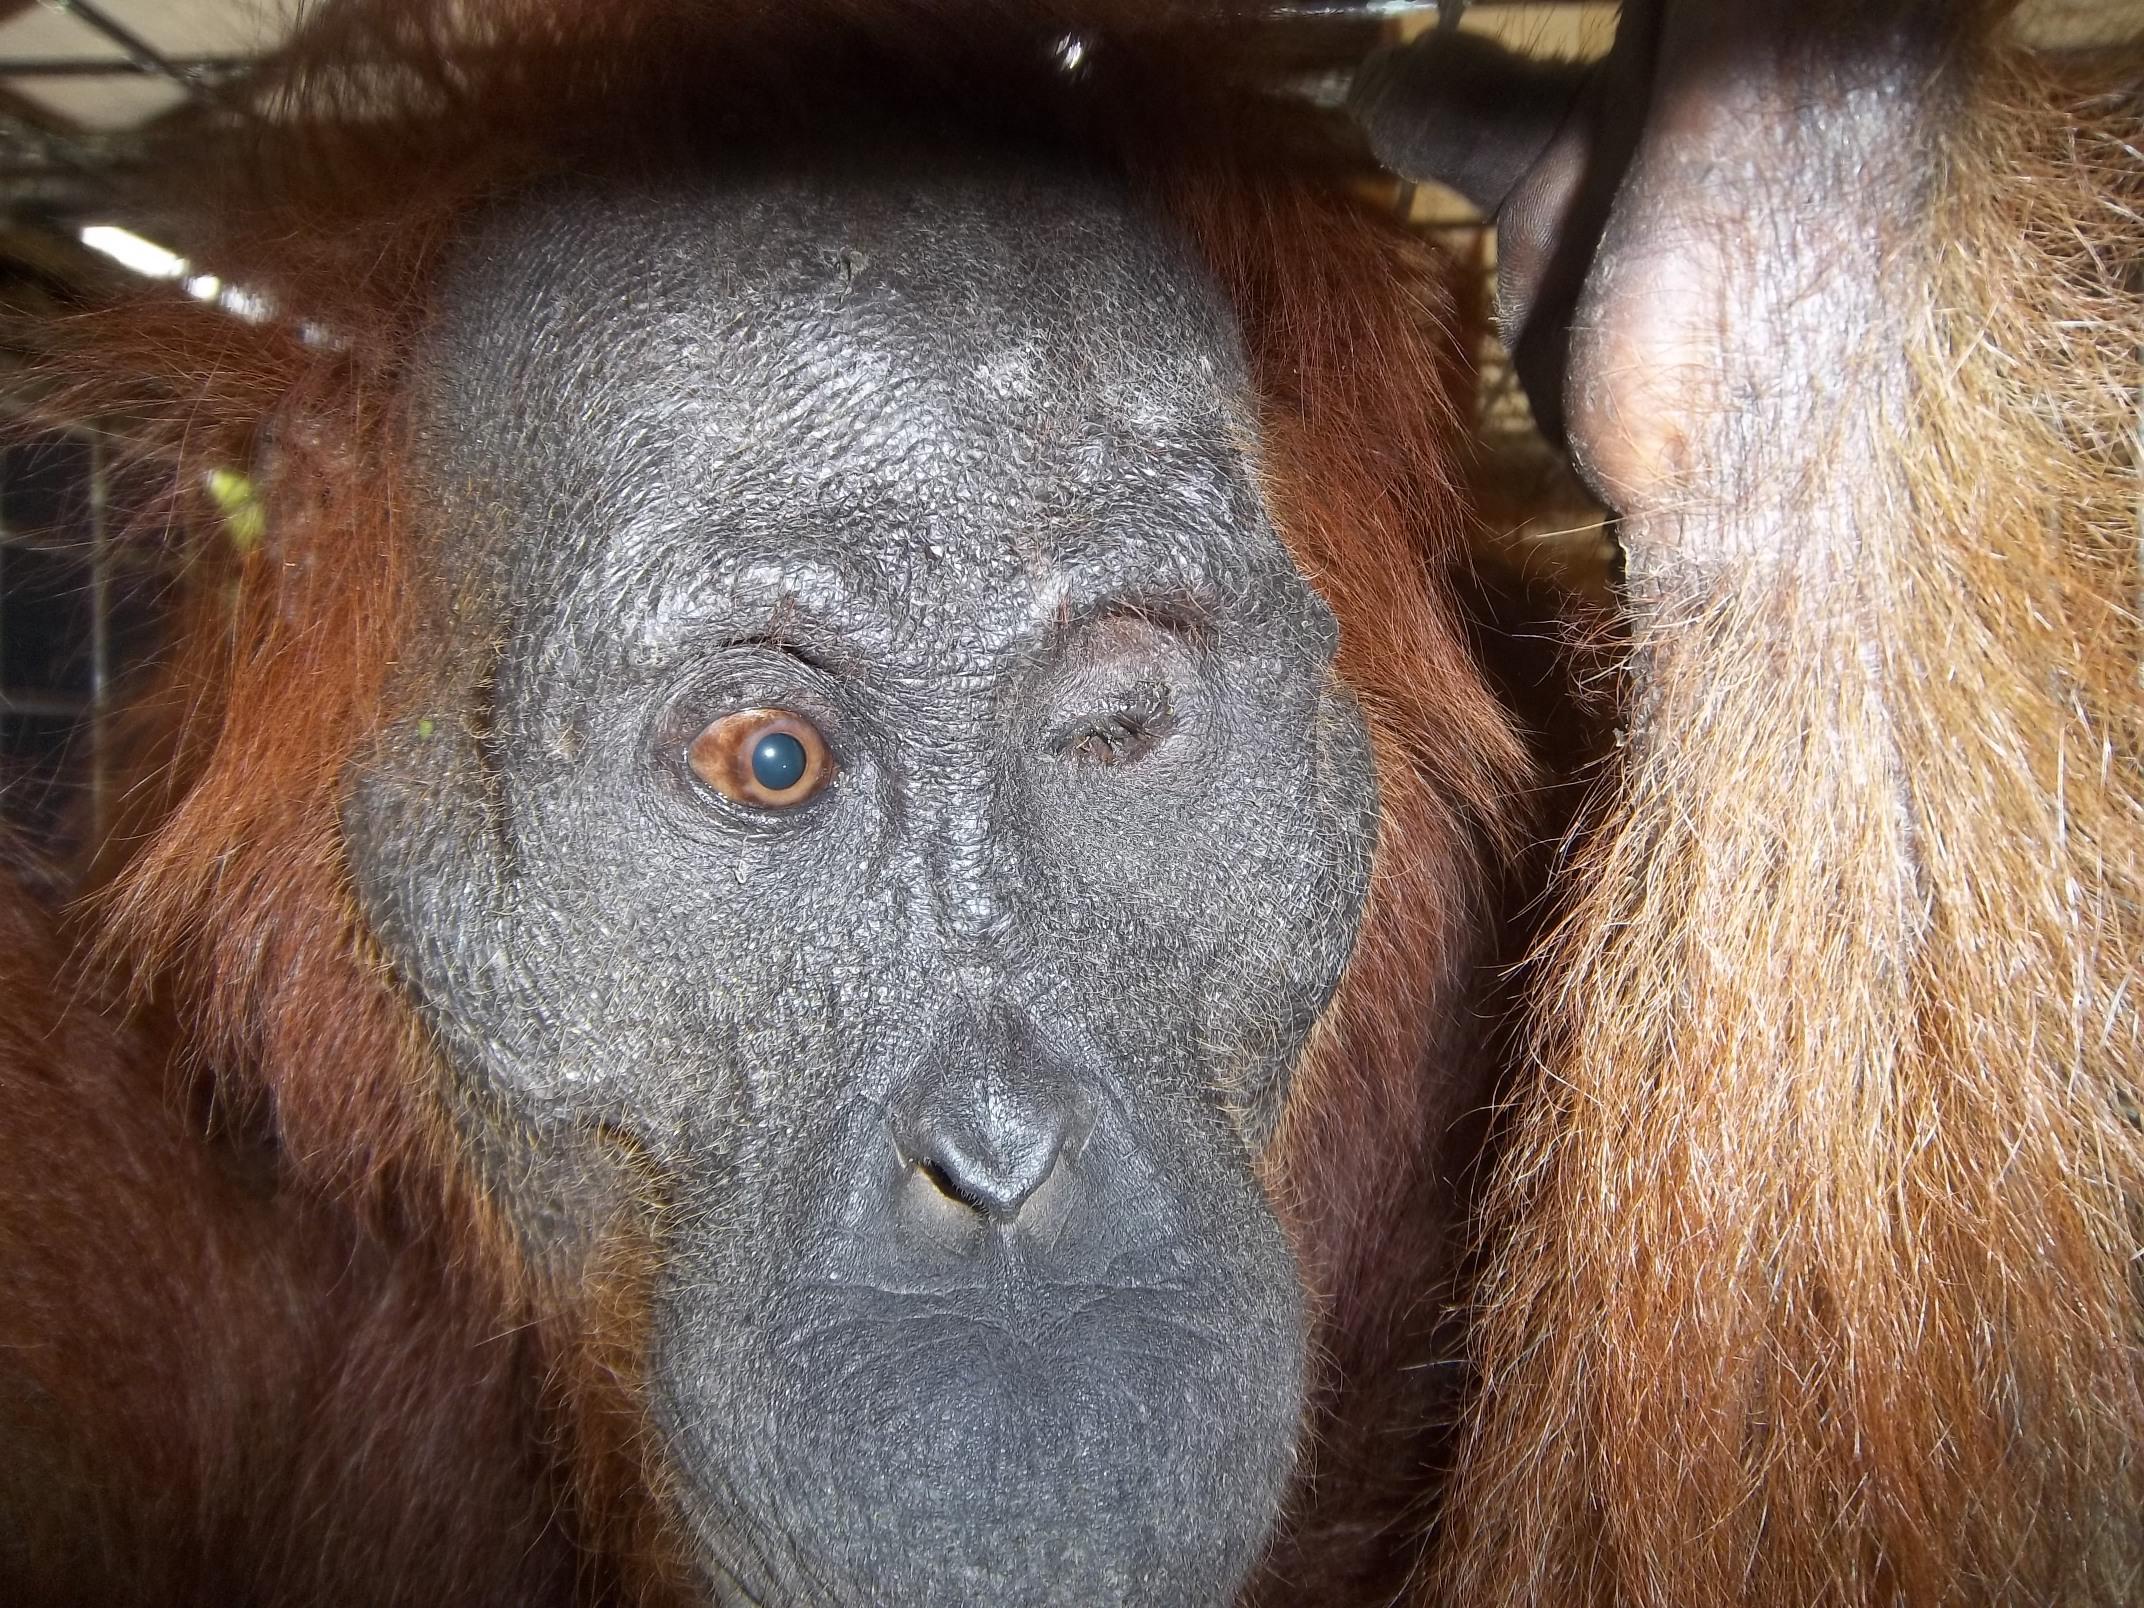 Aan, blind orangutan. Image© Orangutan Foundation.